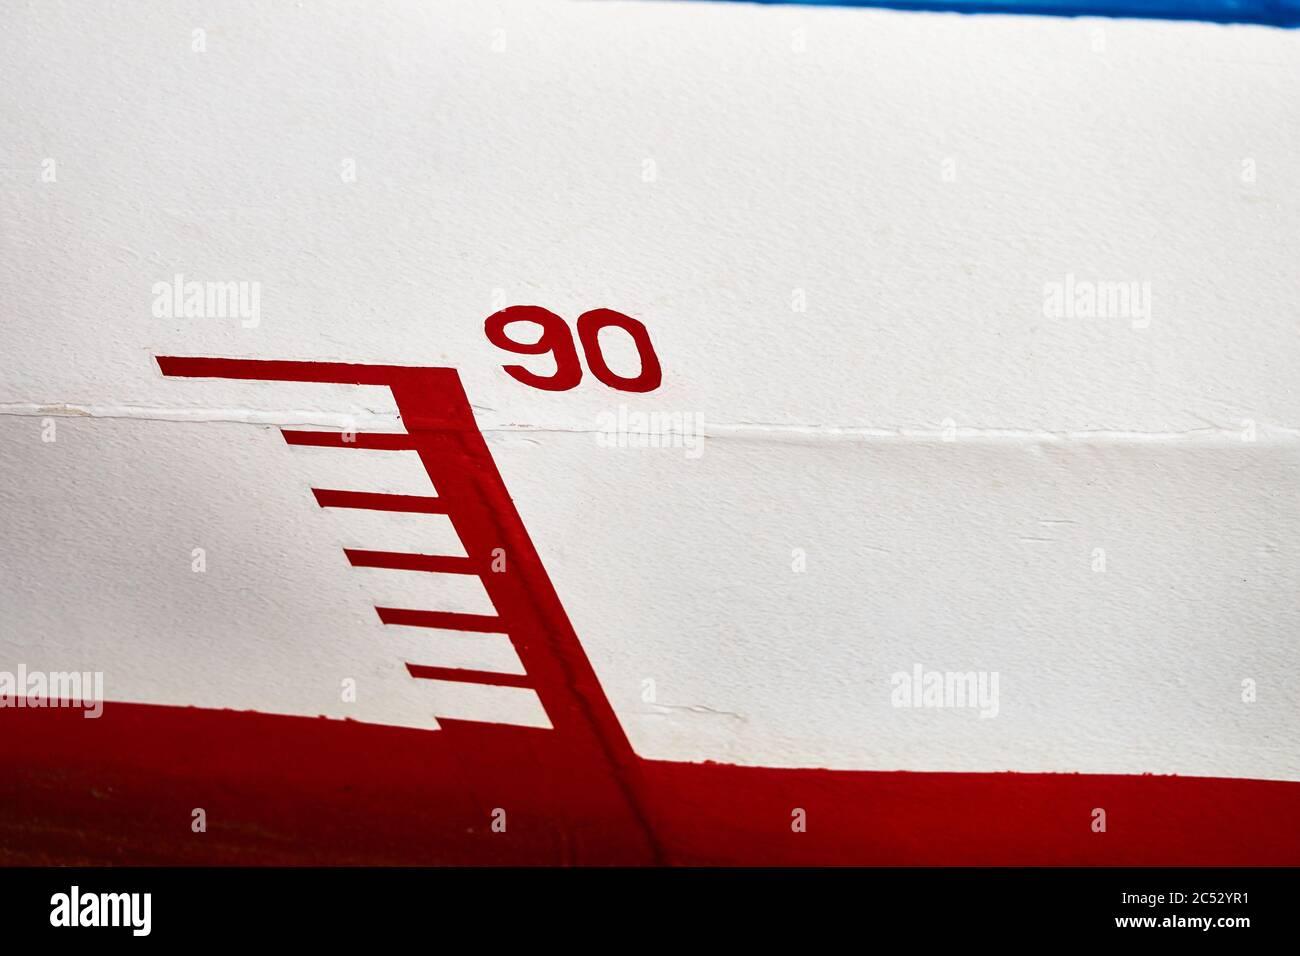 Marquage de la profondeur de l'eau sur la coque d'un navire avec le numéro « 90 », rouge et blanc Banque D'Images